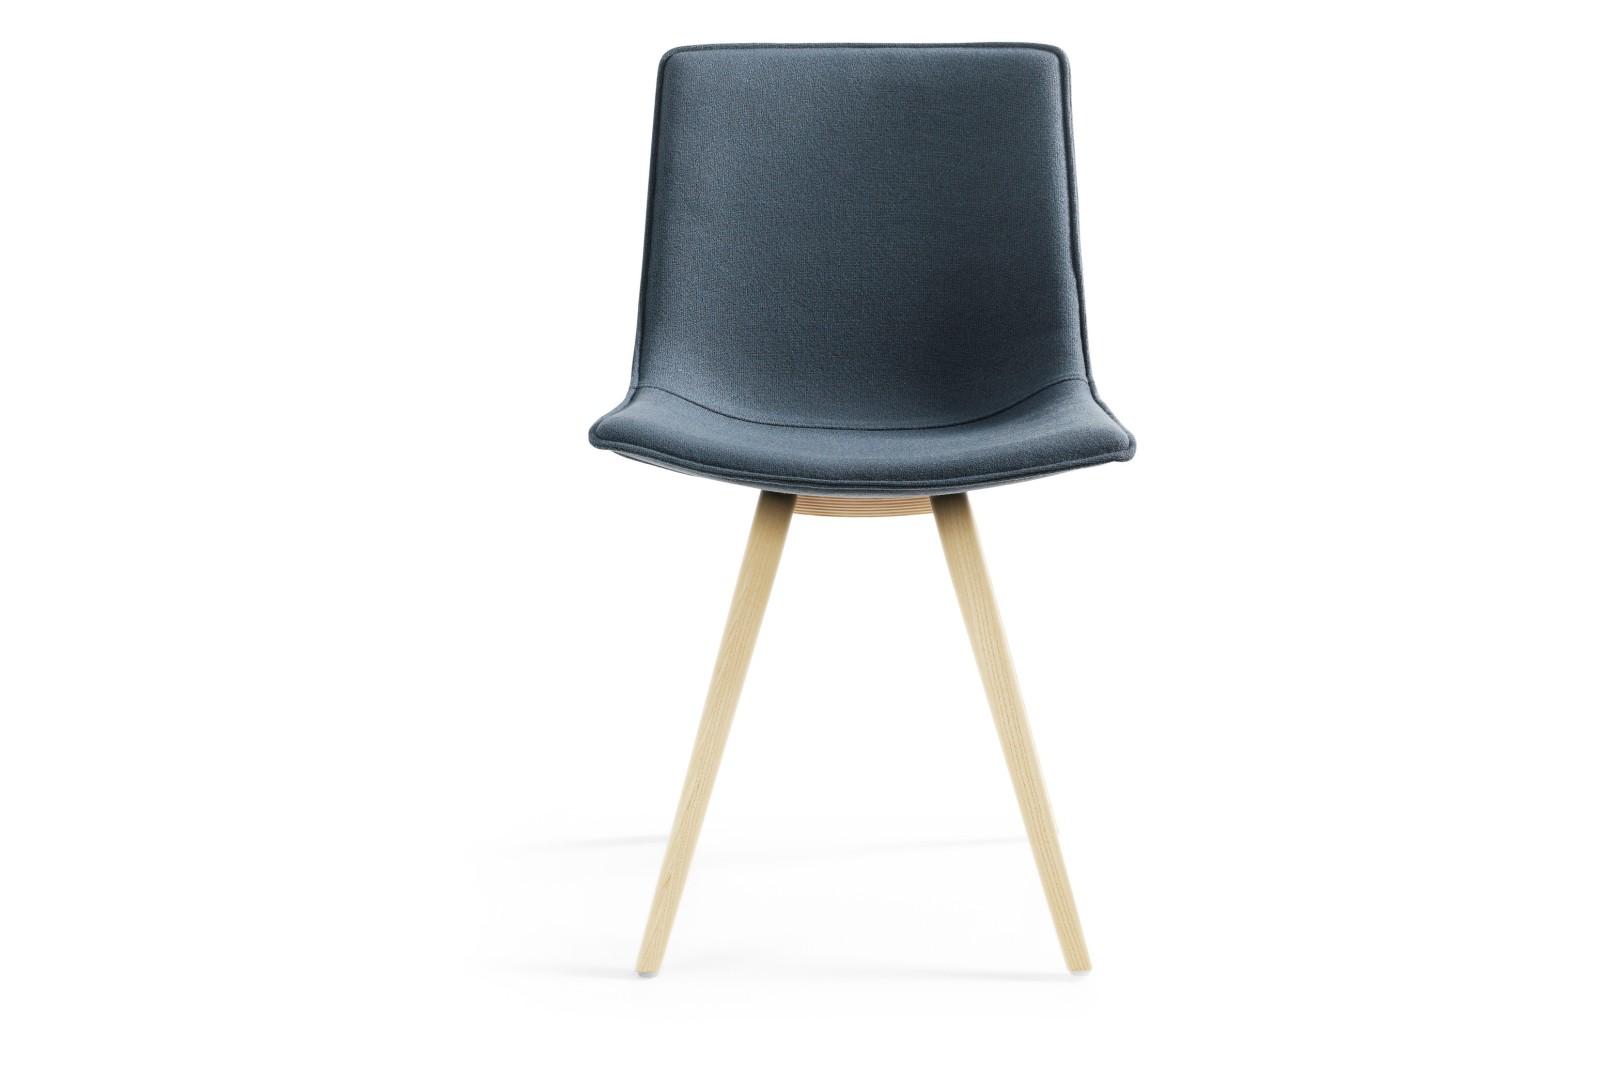 Comet Sport Dining Chair Wooden Base Blazer Aberdeen CUZ87, Natural